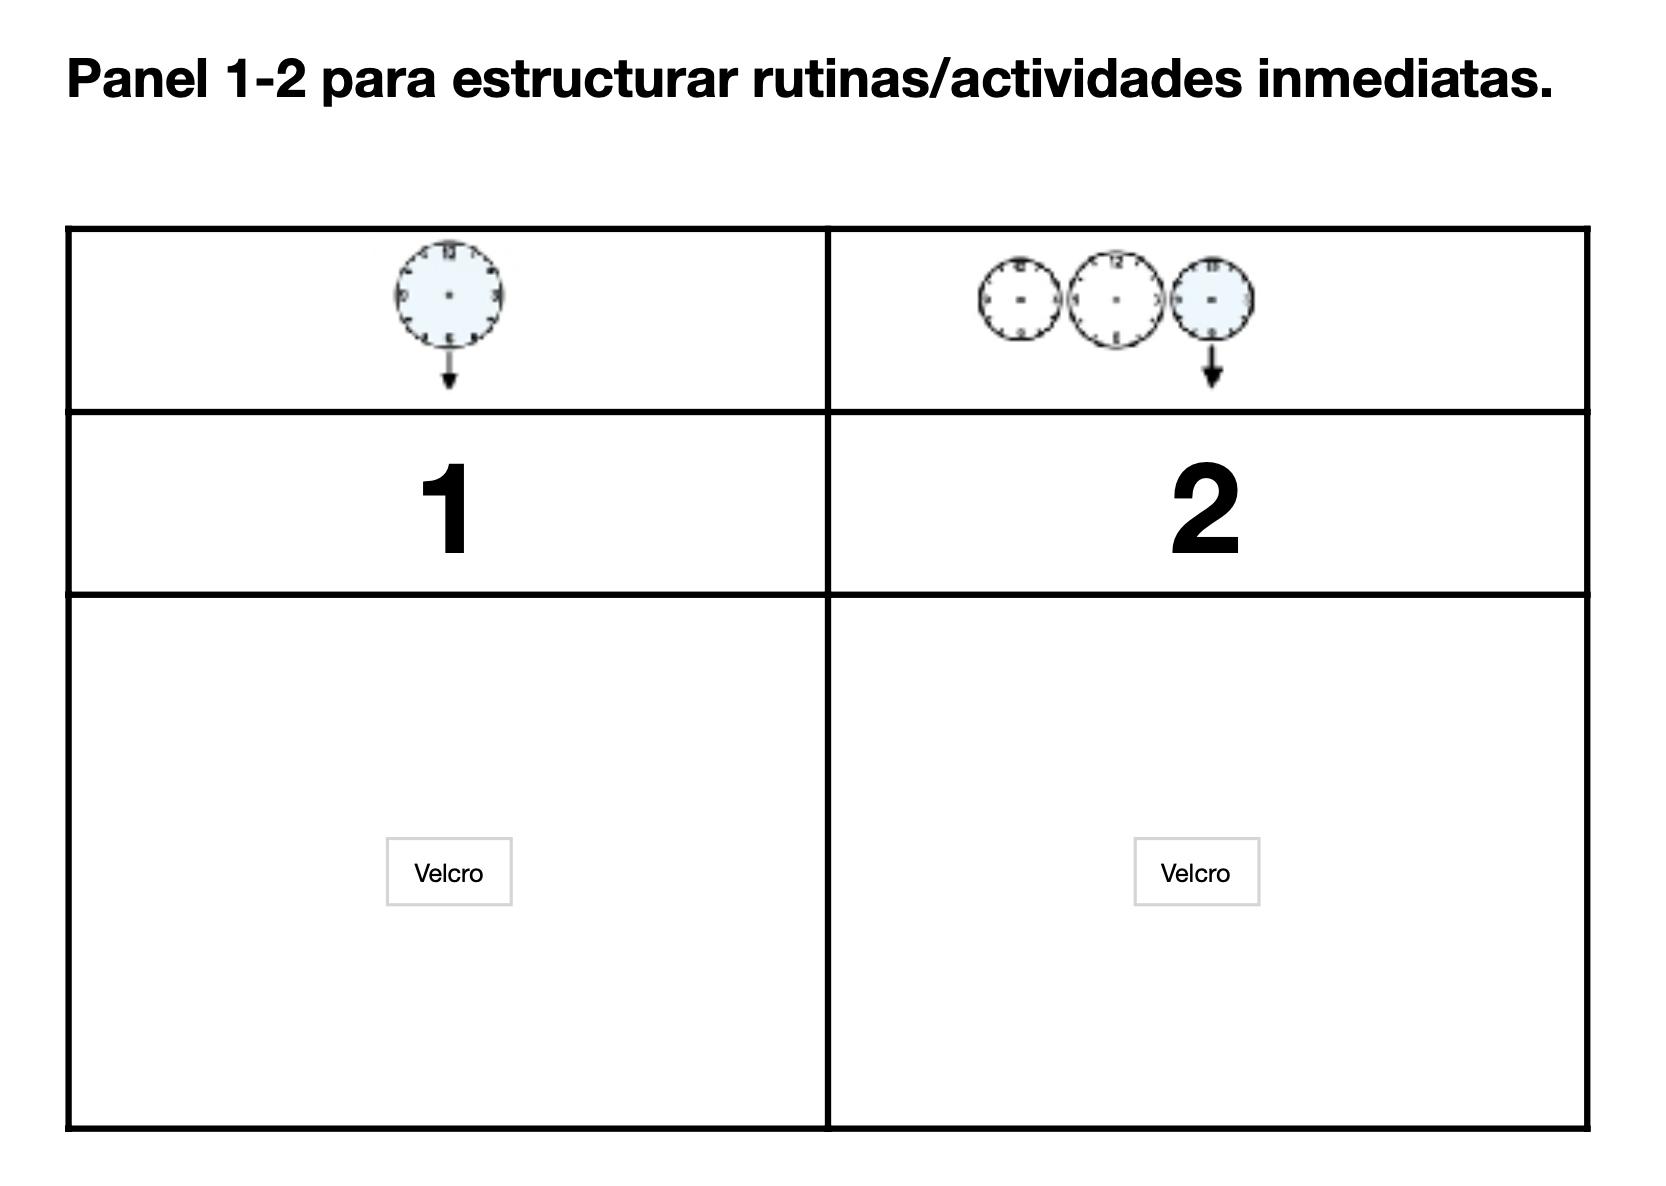 Panel 1-2